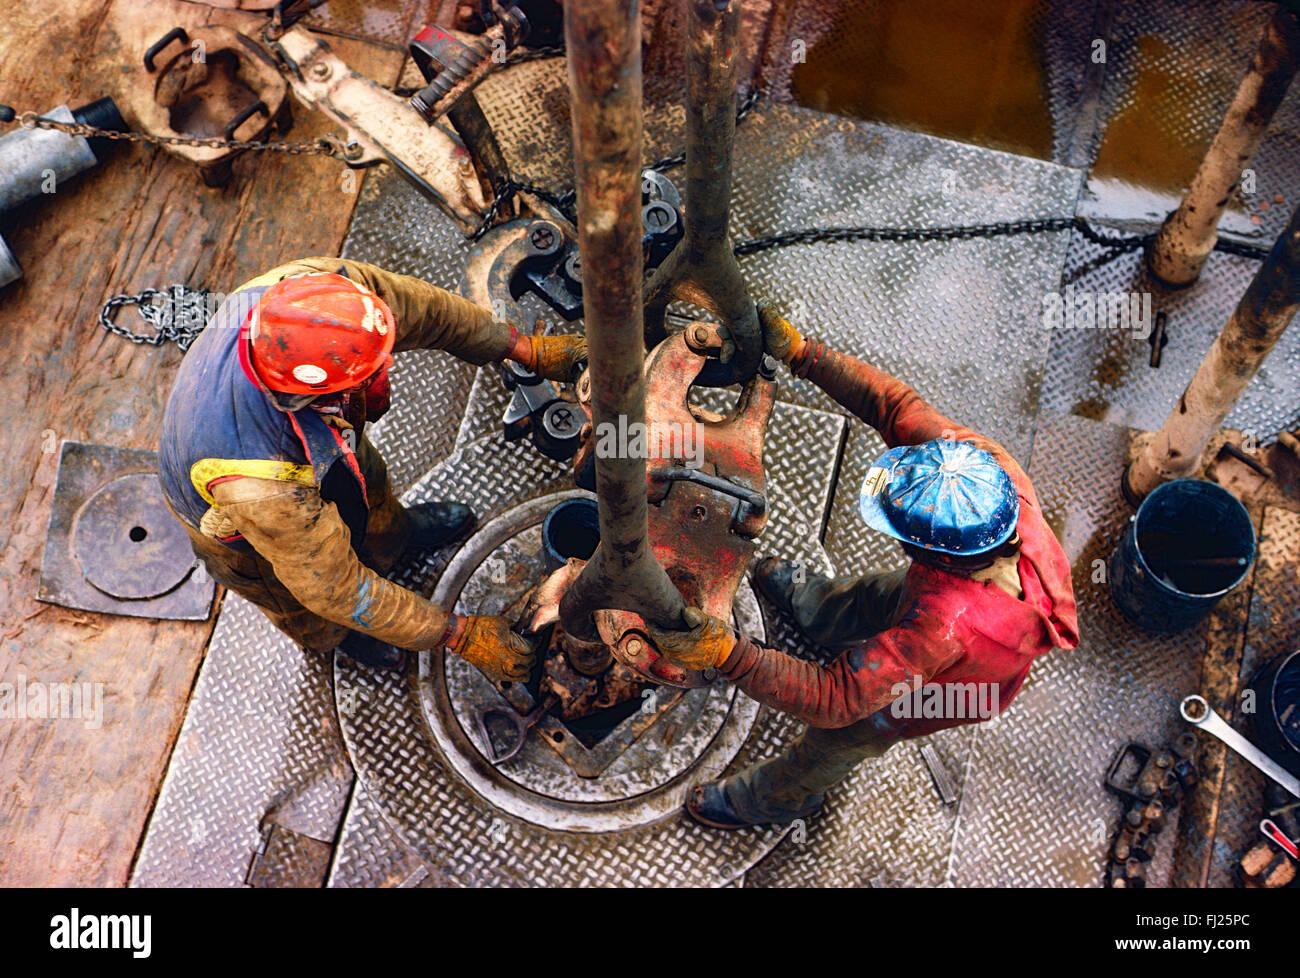 Alta Vista mirando hacia abajo sobre roughneck trabajadores en plataformas petrolíferas, Nuevo México, Imagen De Stock